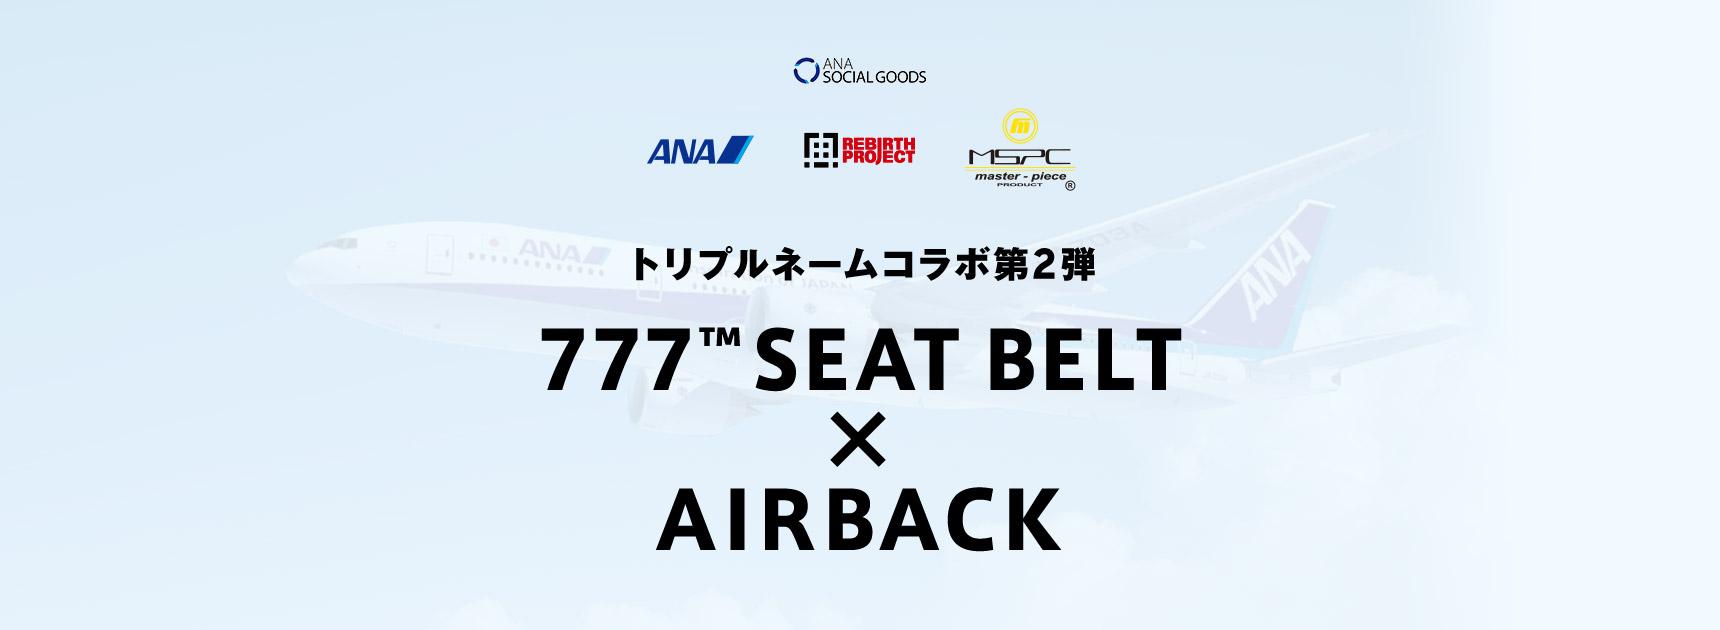 トリプルネームコラボ第2弾 777SEAT BELT×AIRBACK